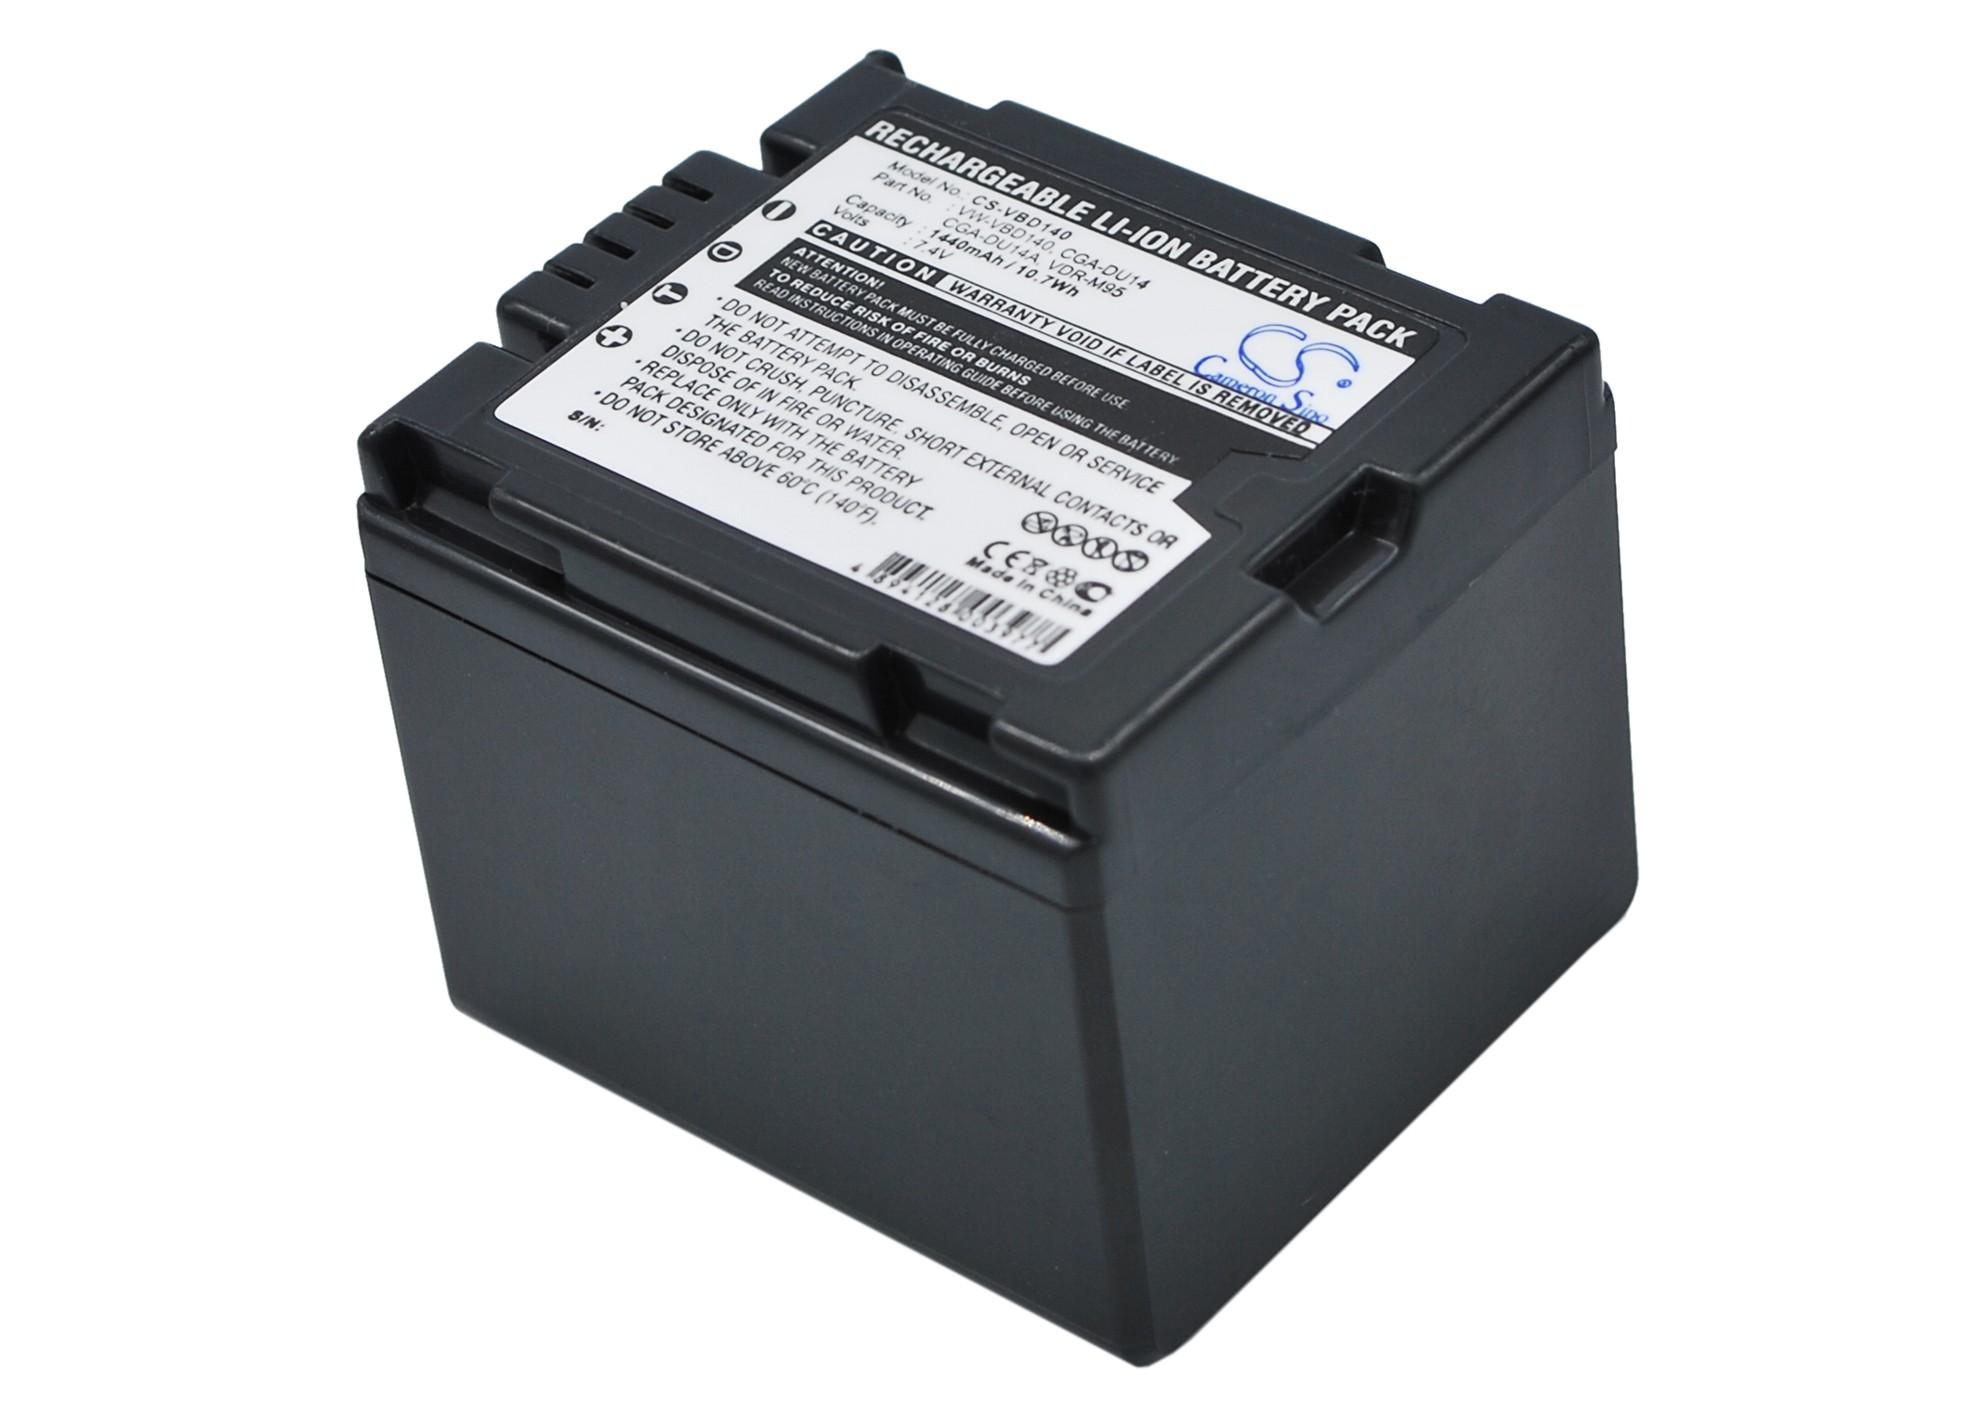 Cameron Sino baterie do kamer a fotoaparátů pro PANASONIC NV-GS500EB-S 7.4V Li-ion 1440mAh tmavě šedá - neoriginální